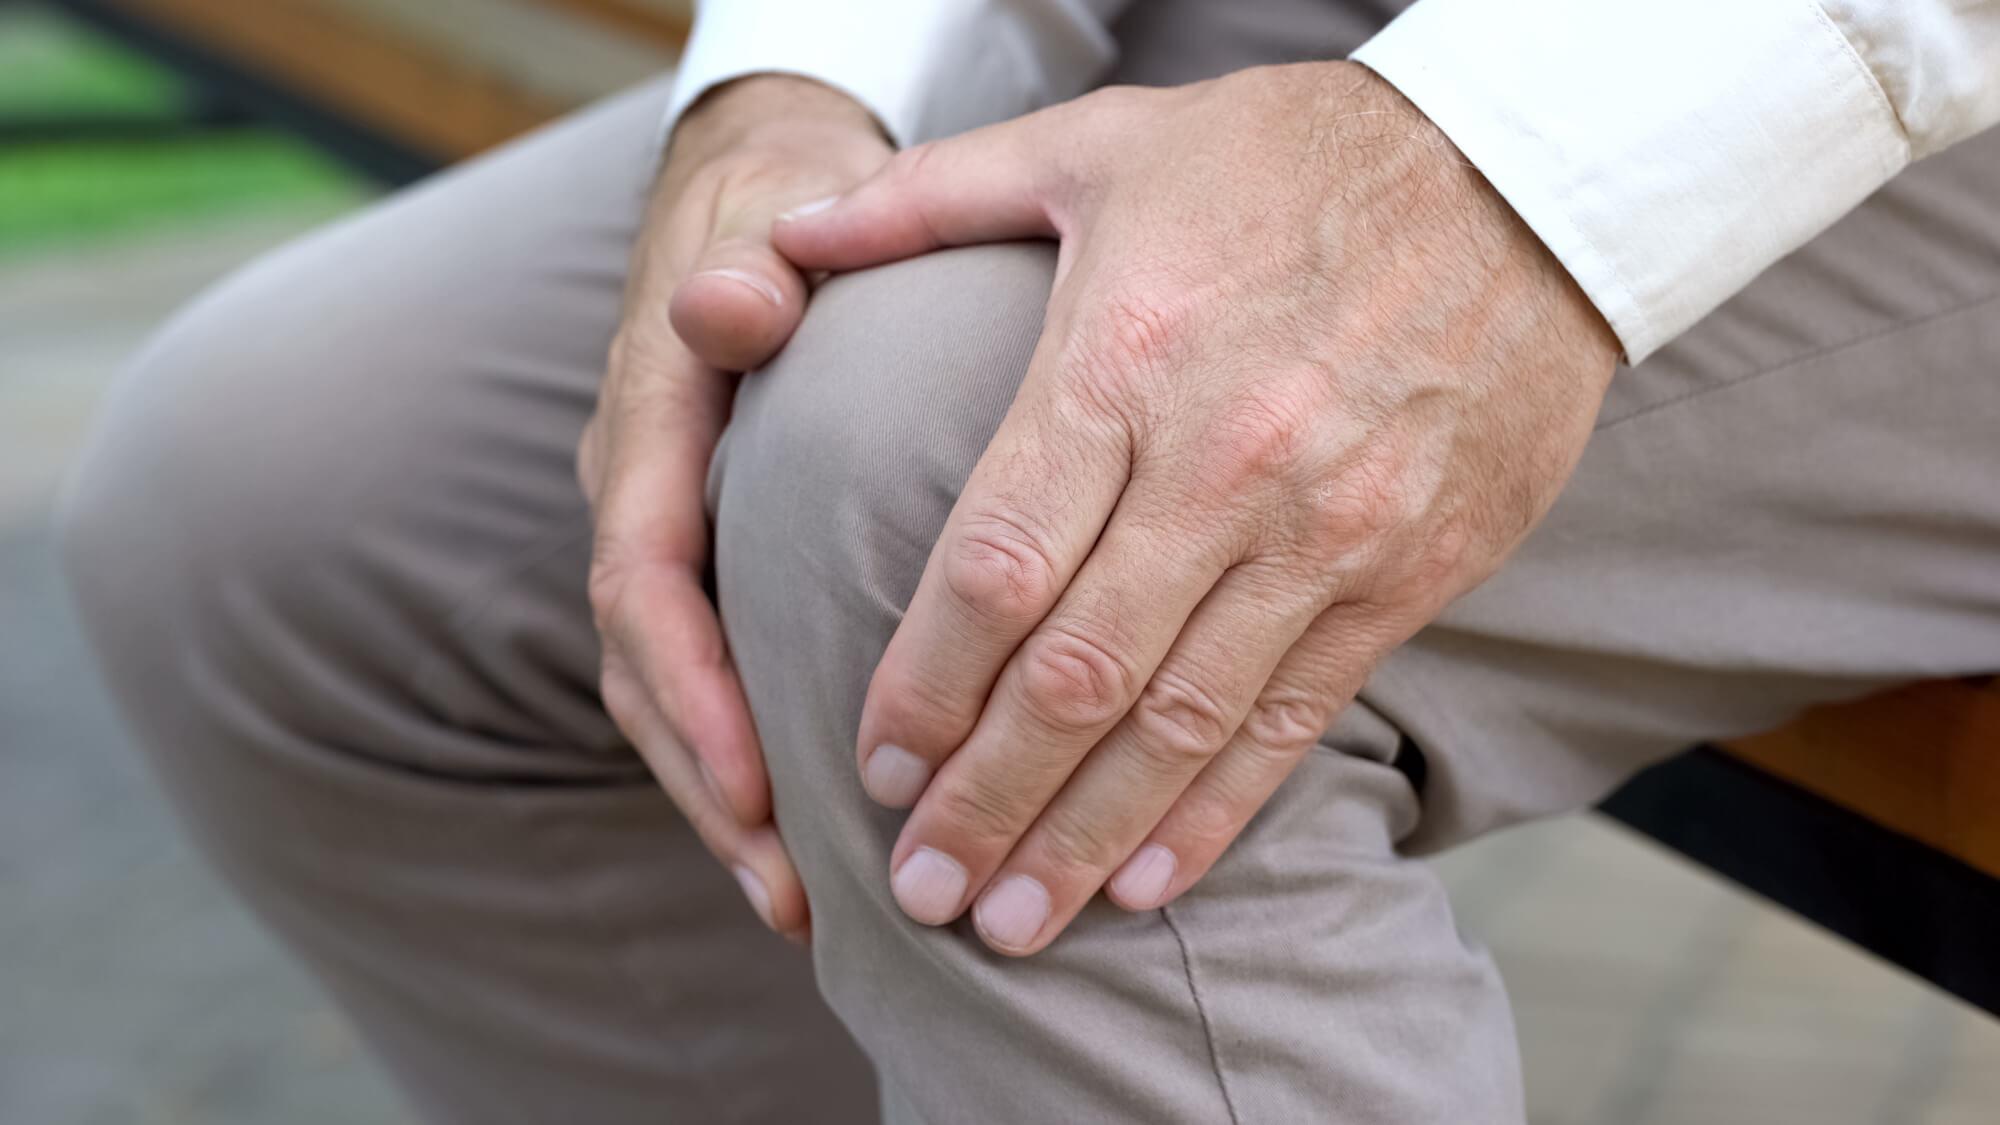 מתי להחליף את מפרק הברך